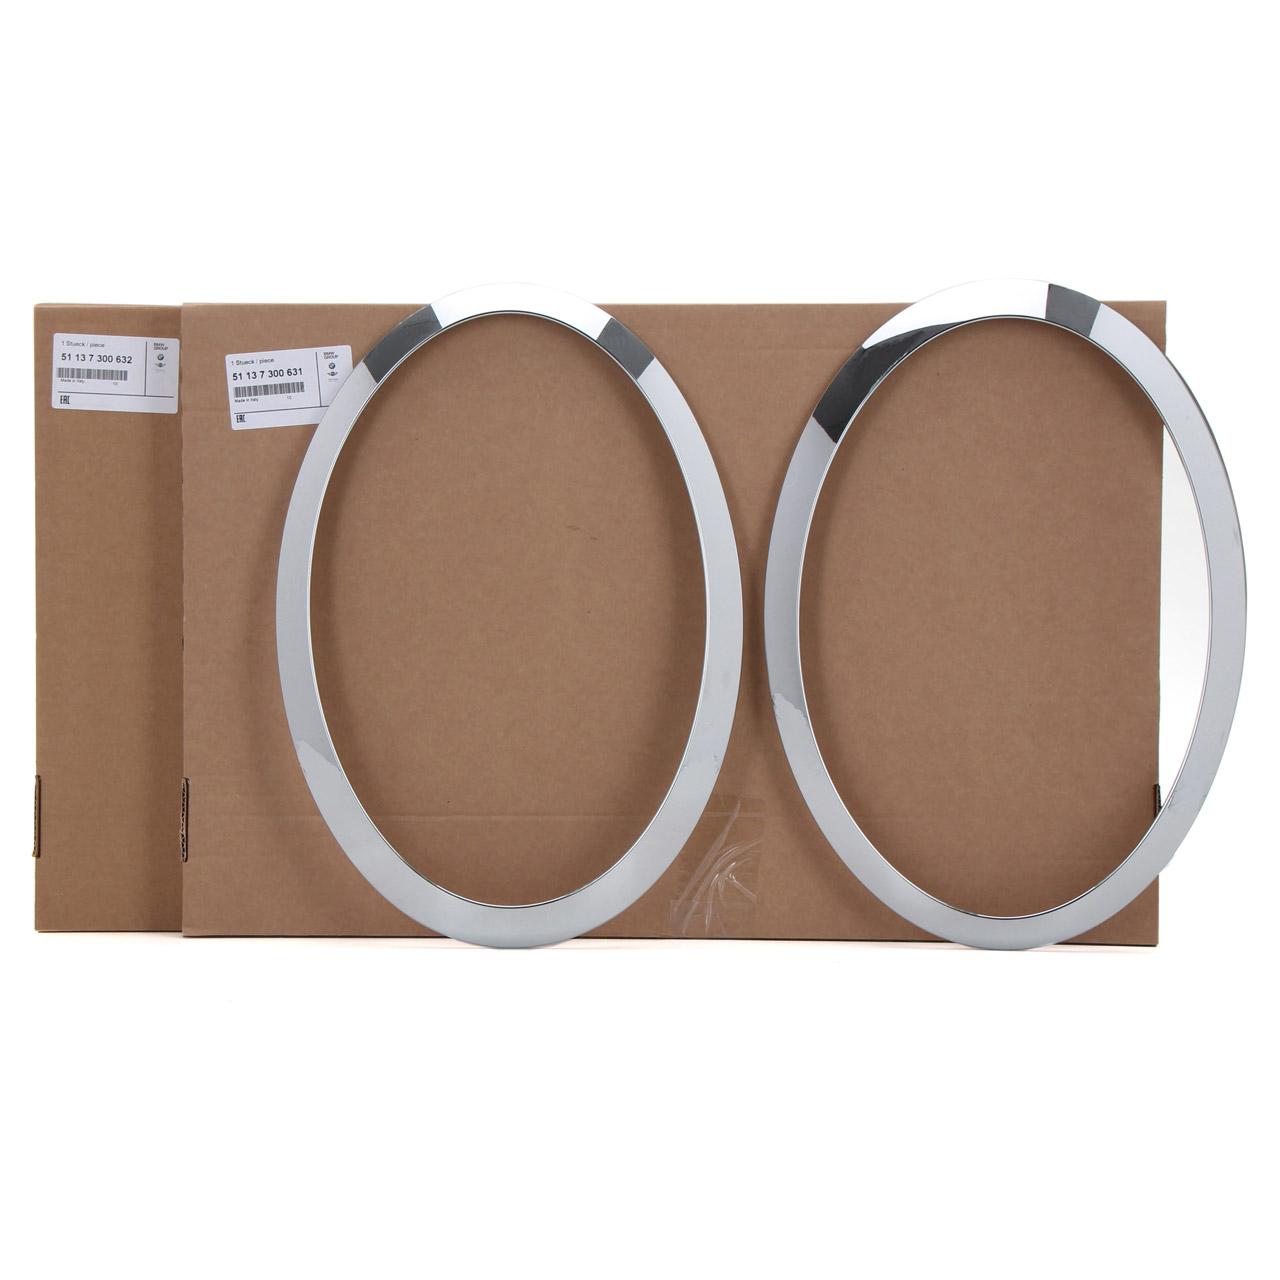 2x ORIGINAL Mini Zierring Ring Scheinwerfer CHROM F55 F56 F57 links + rechts